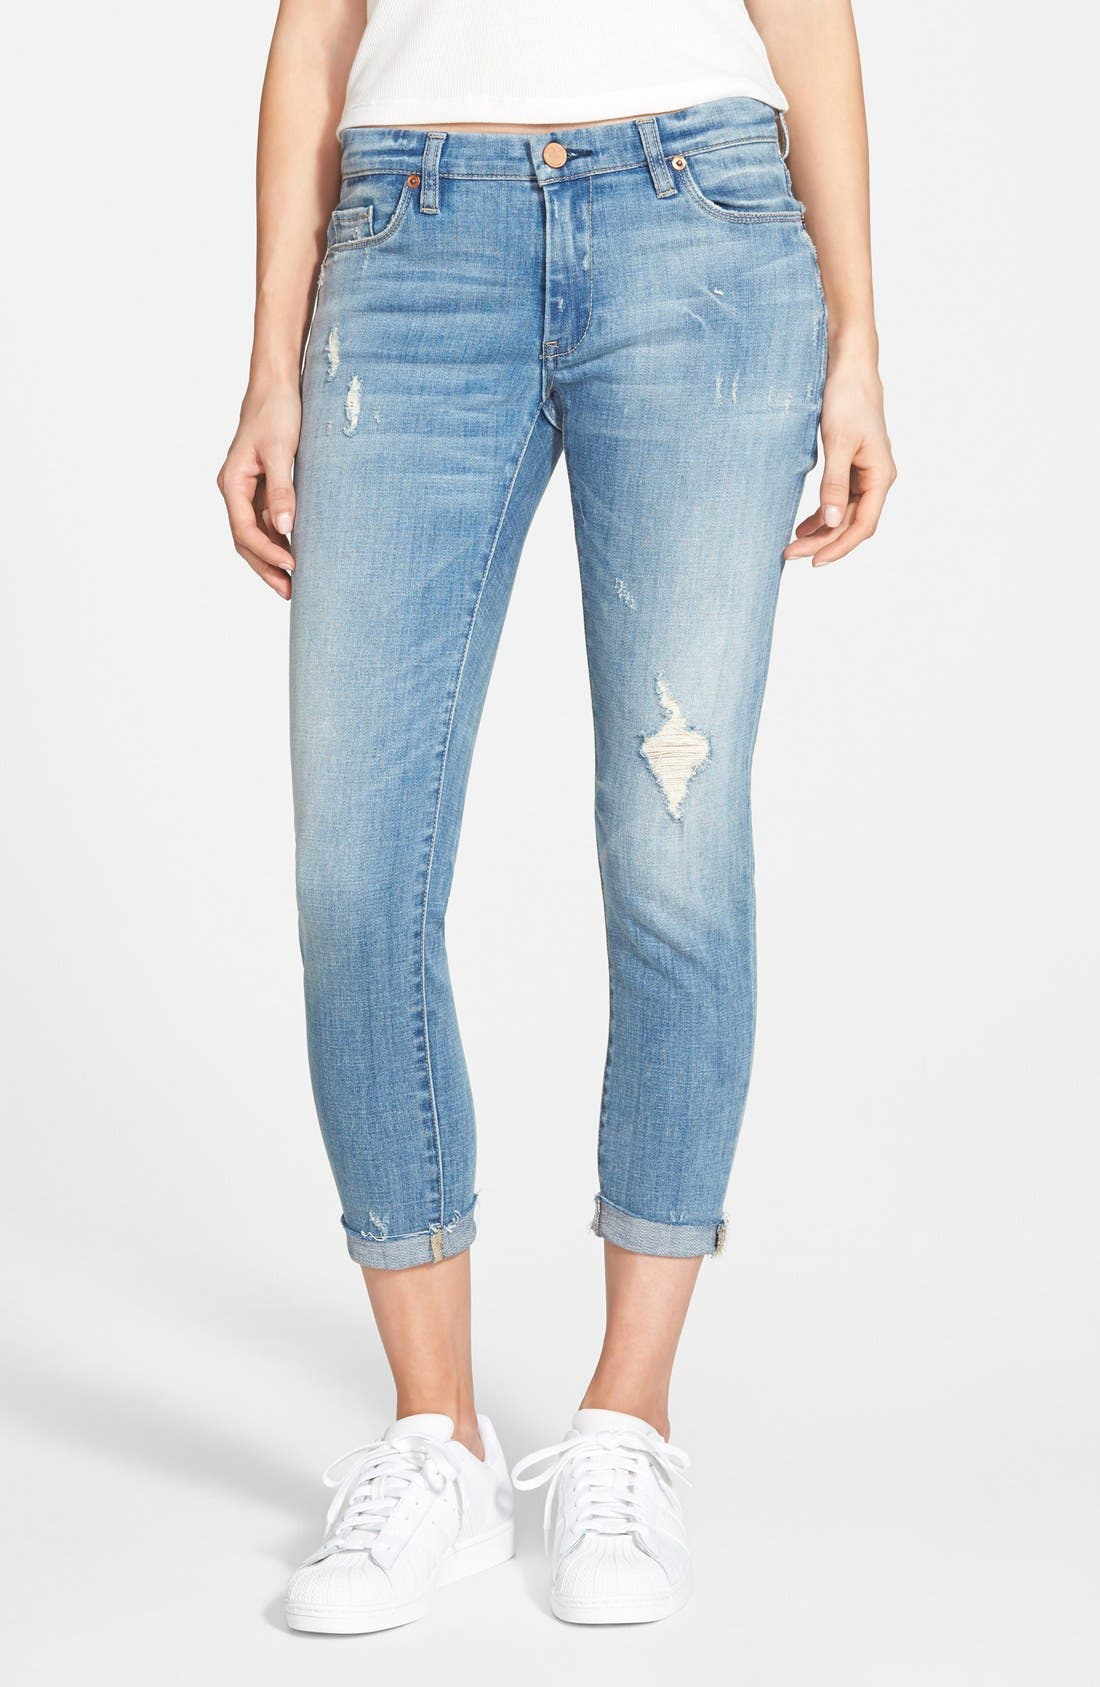 Main Image - BLANKNYC 'Kale Yeah' Distressed Skinny Jeans (Medium)